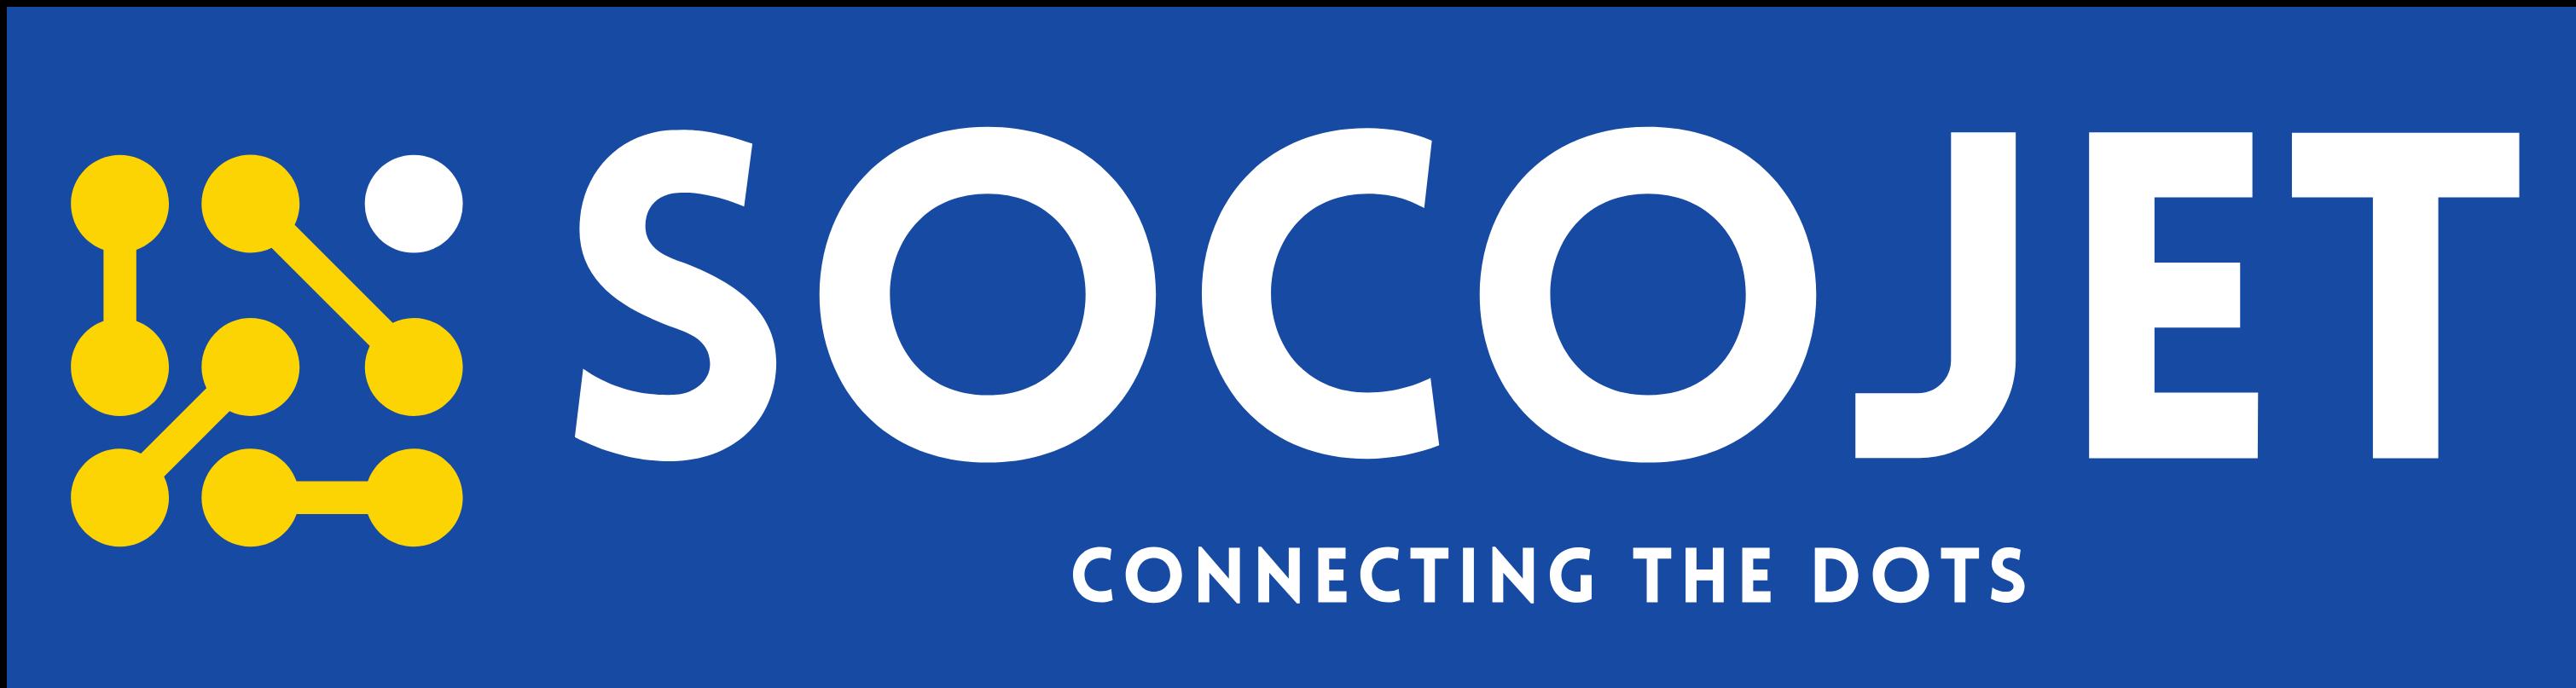 https://2konnek.com/wp-content/uploads/2020/02/Abel-logo-1.png